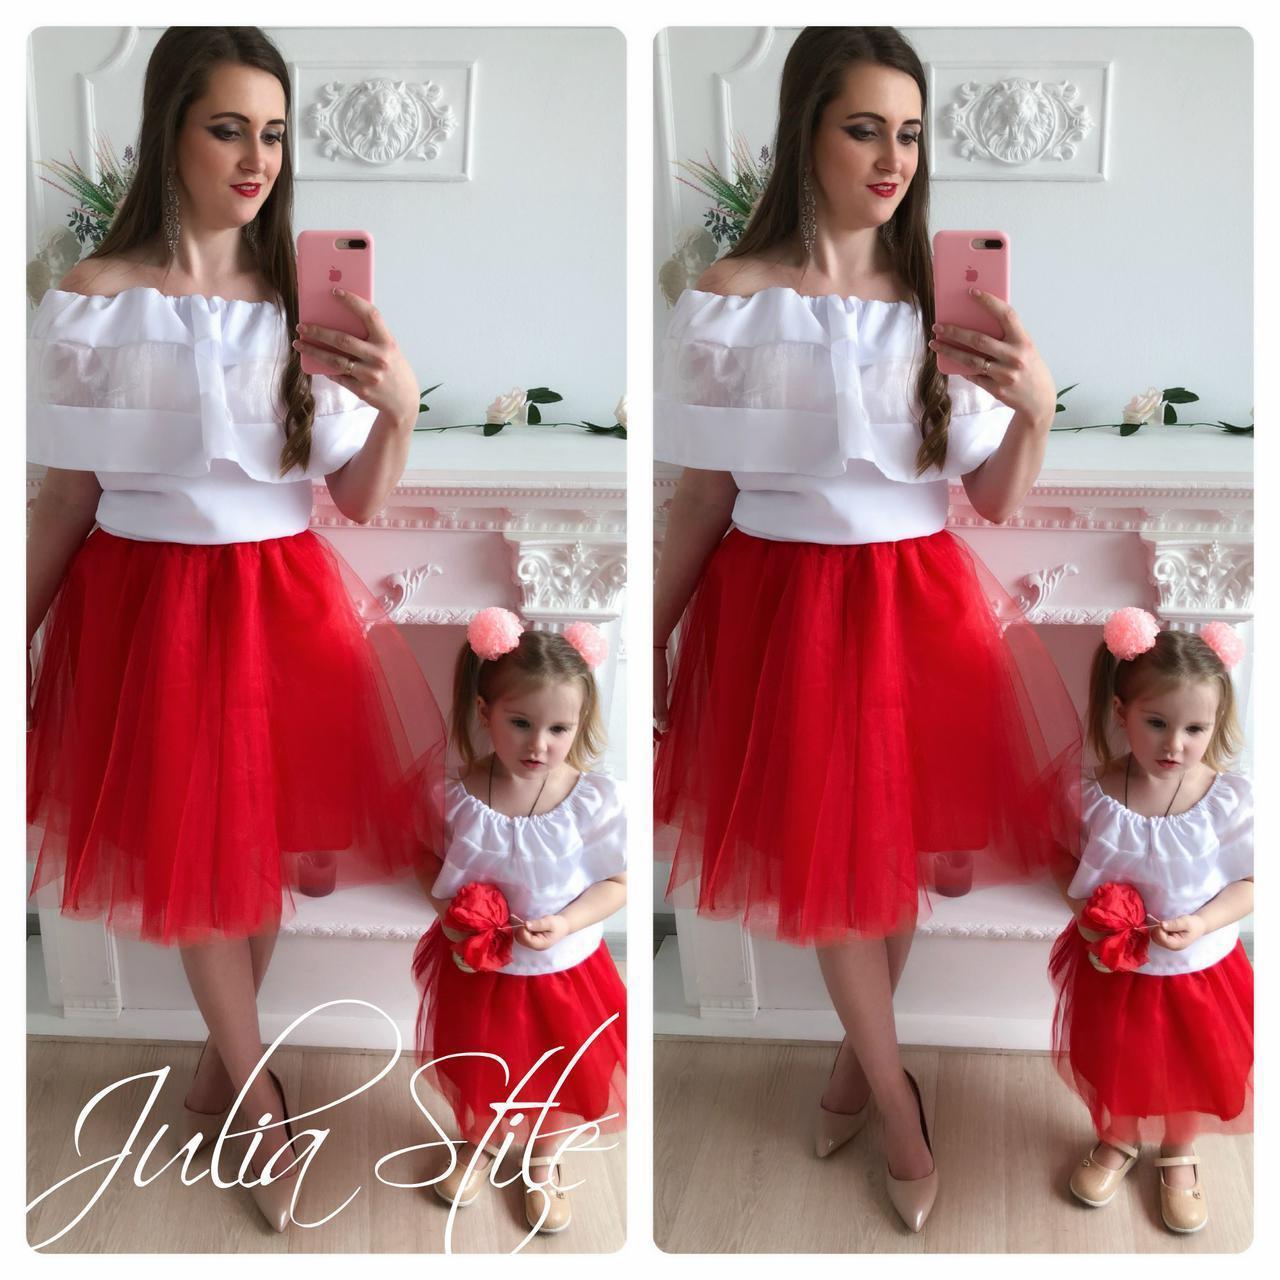 Одежда мама и дочка верх с открытыми плечами и воланом и фатиновая юбка 28mid04